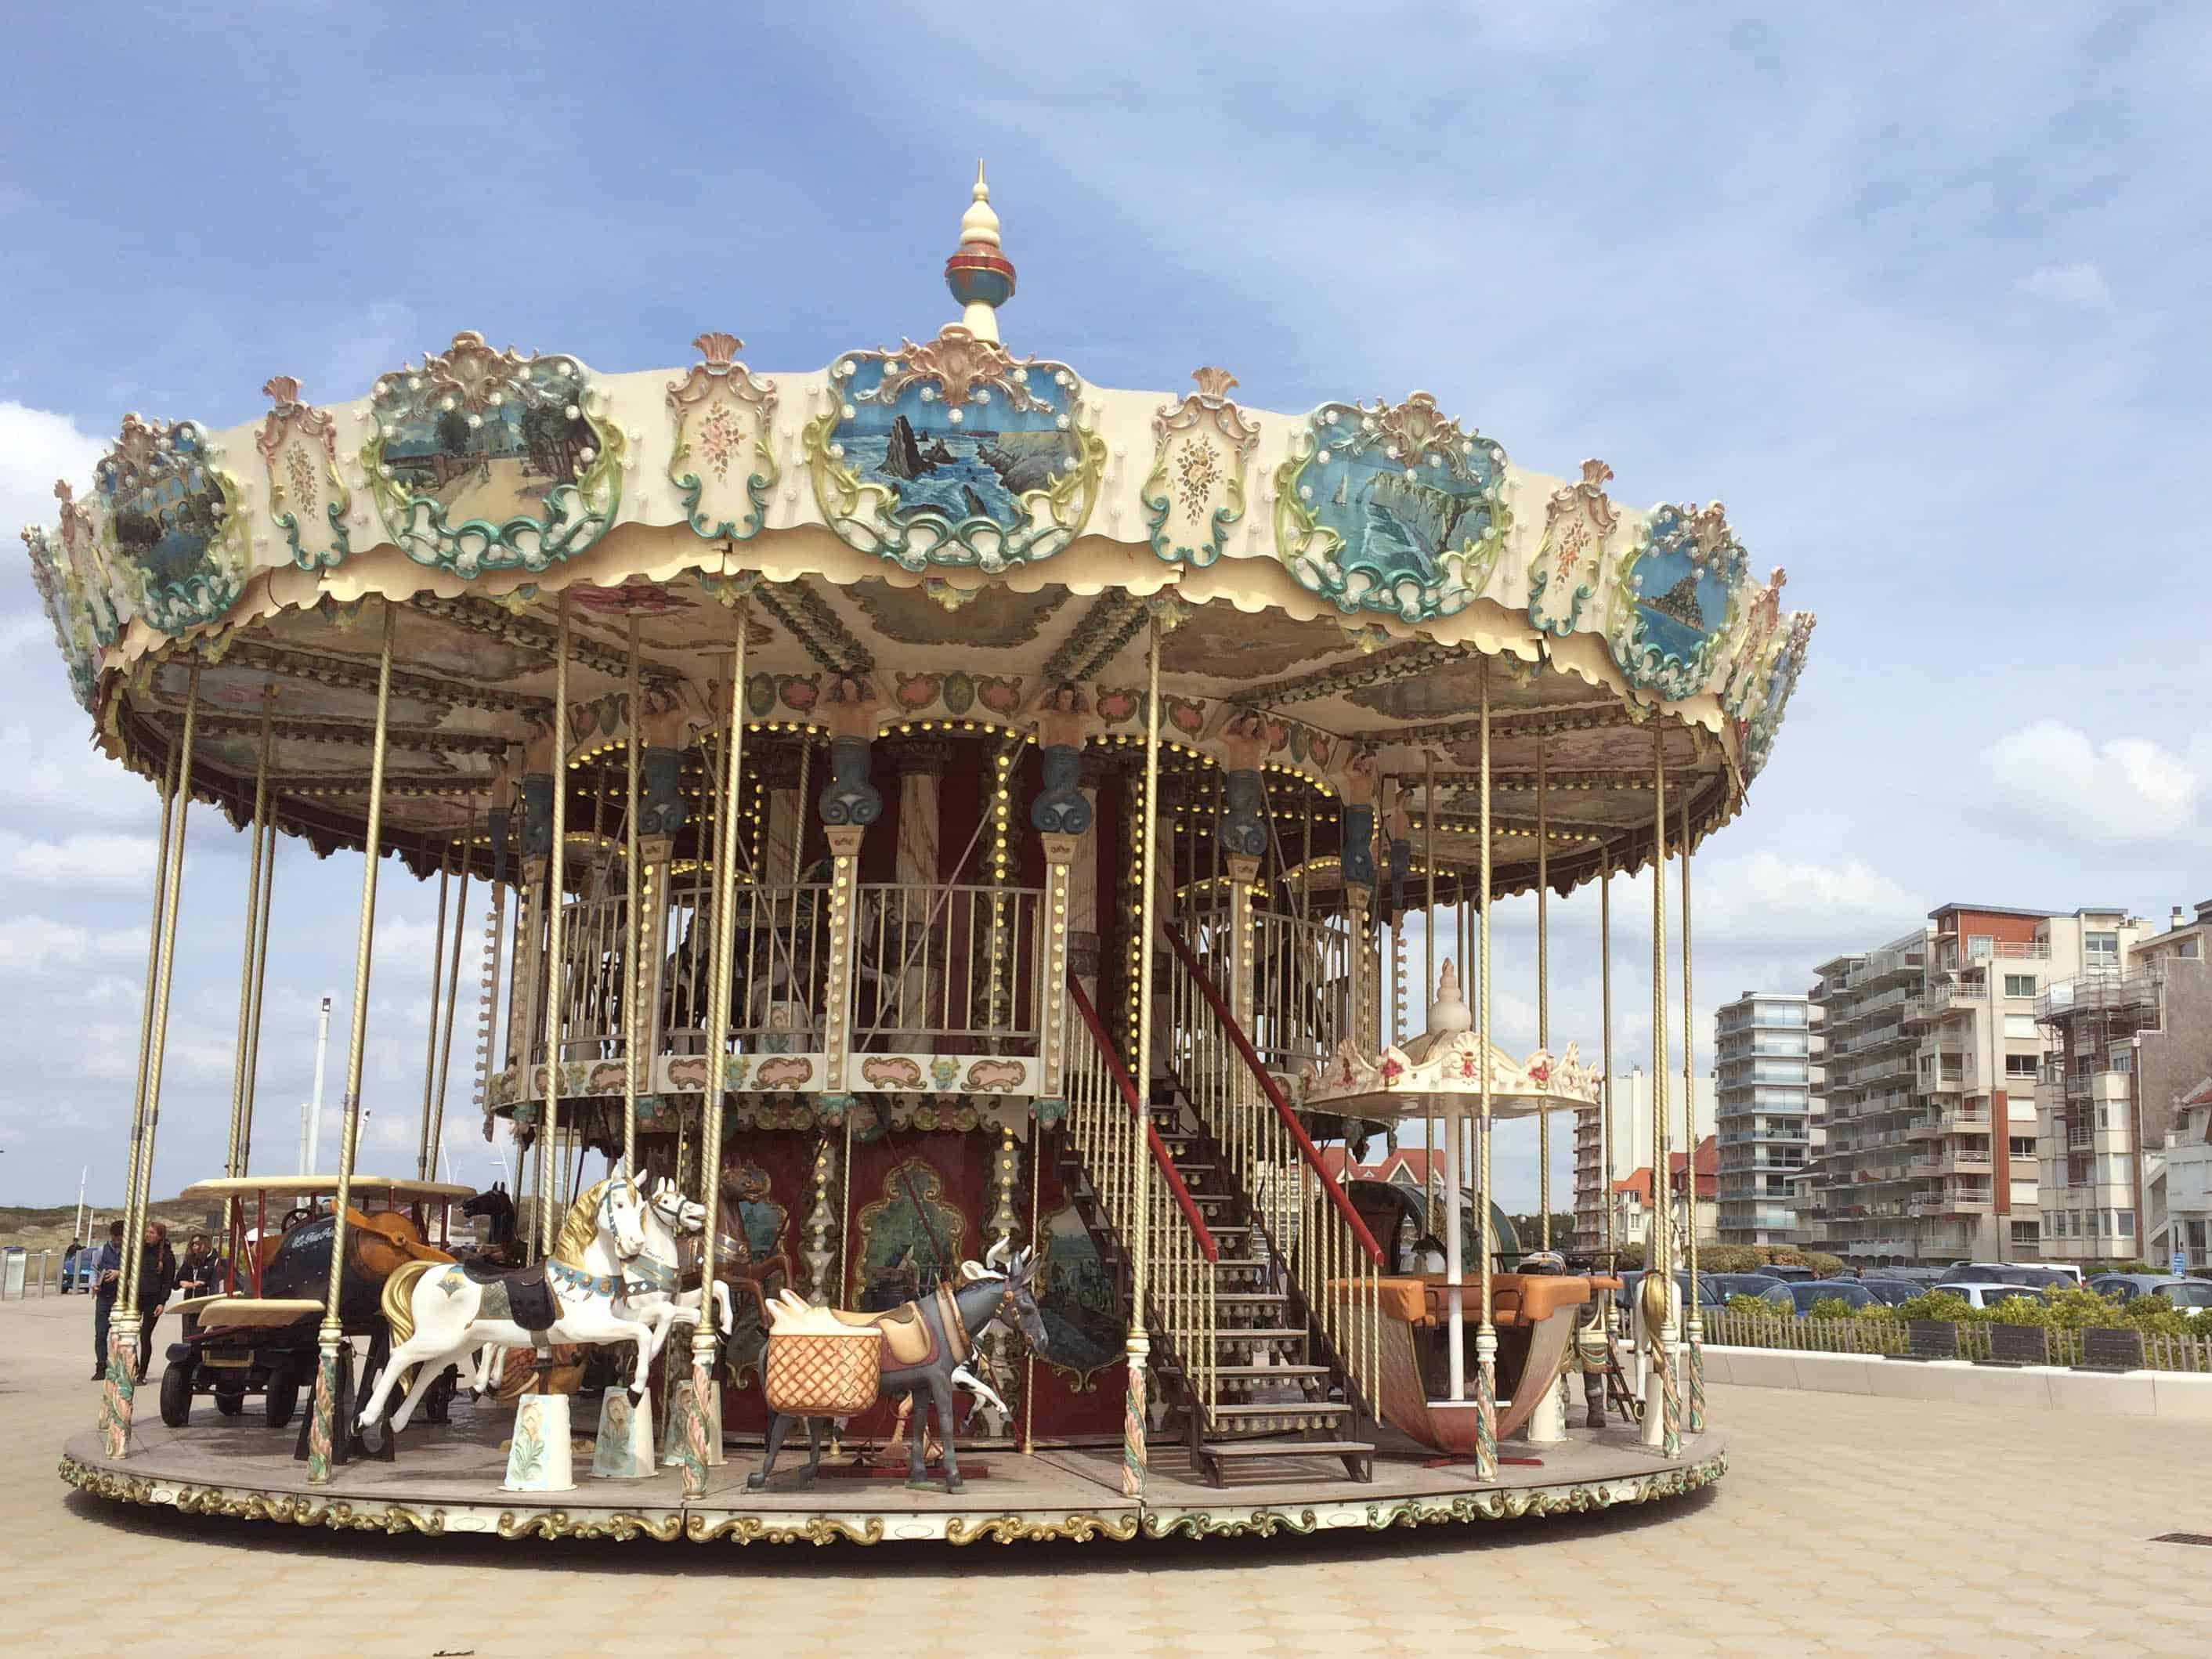 Carousel Le Touquet